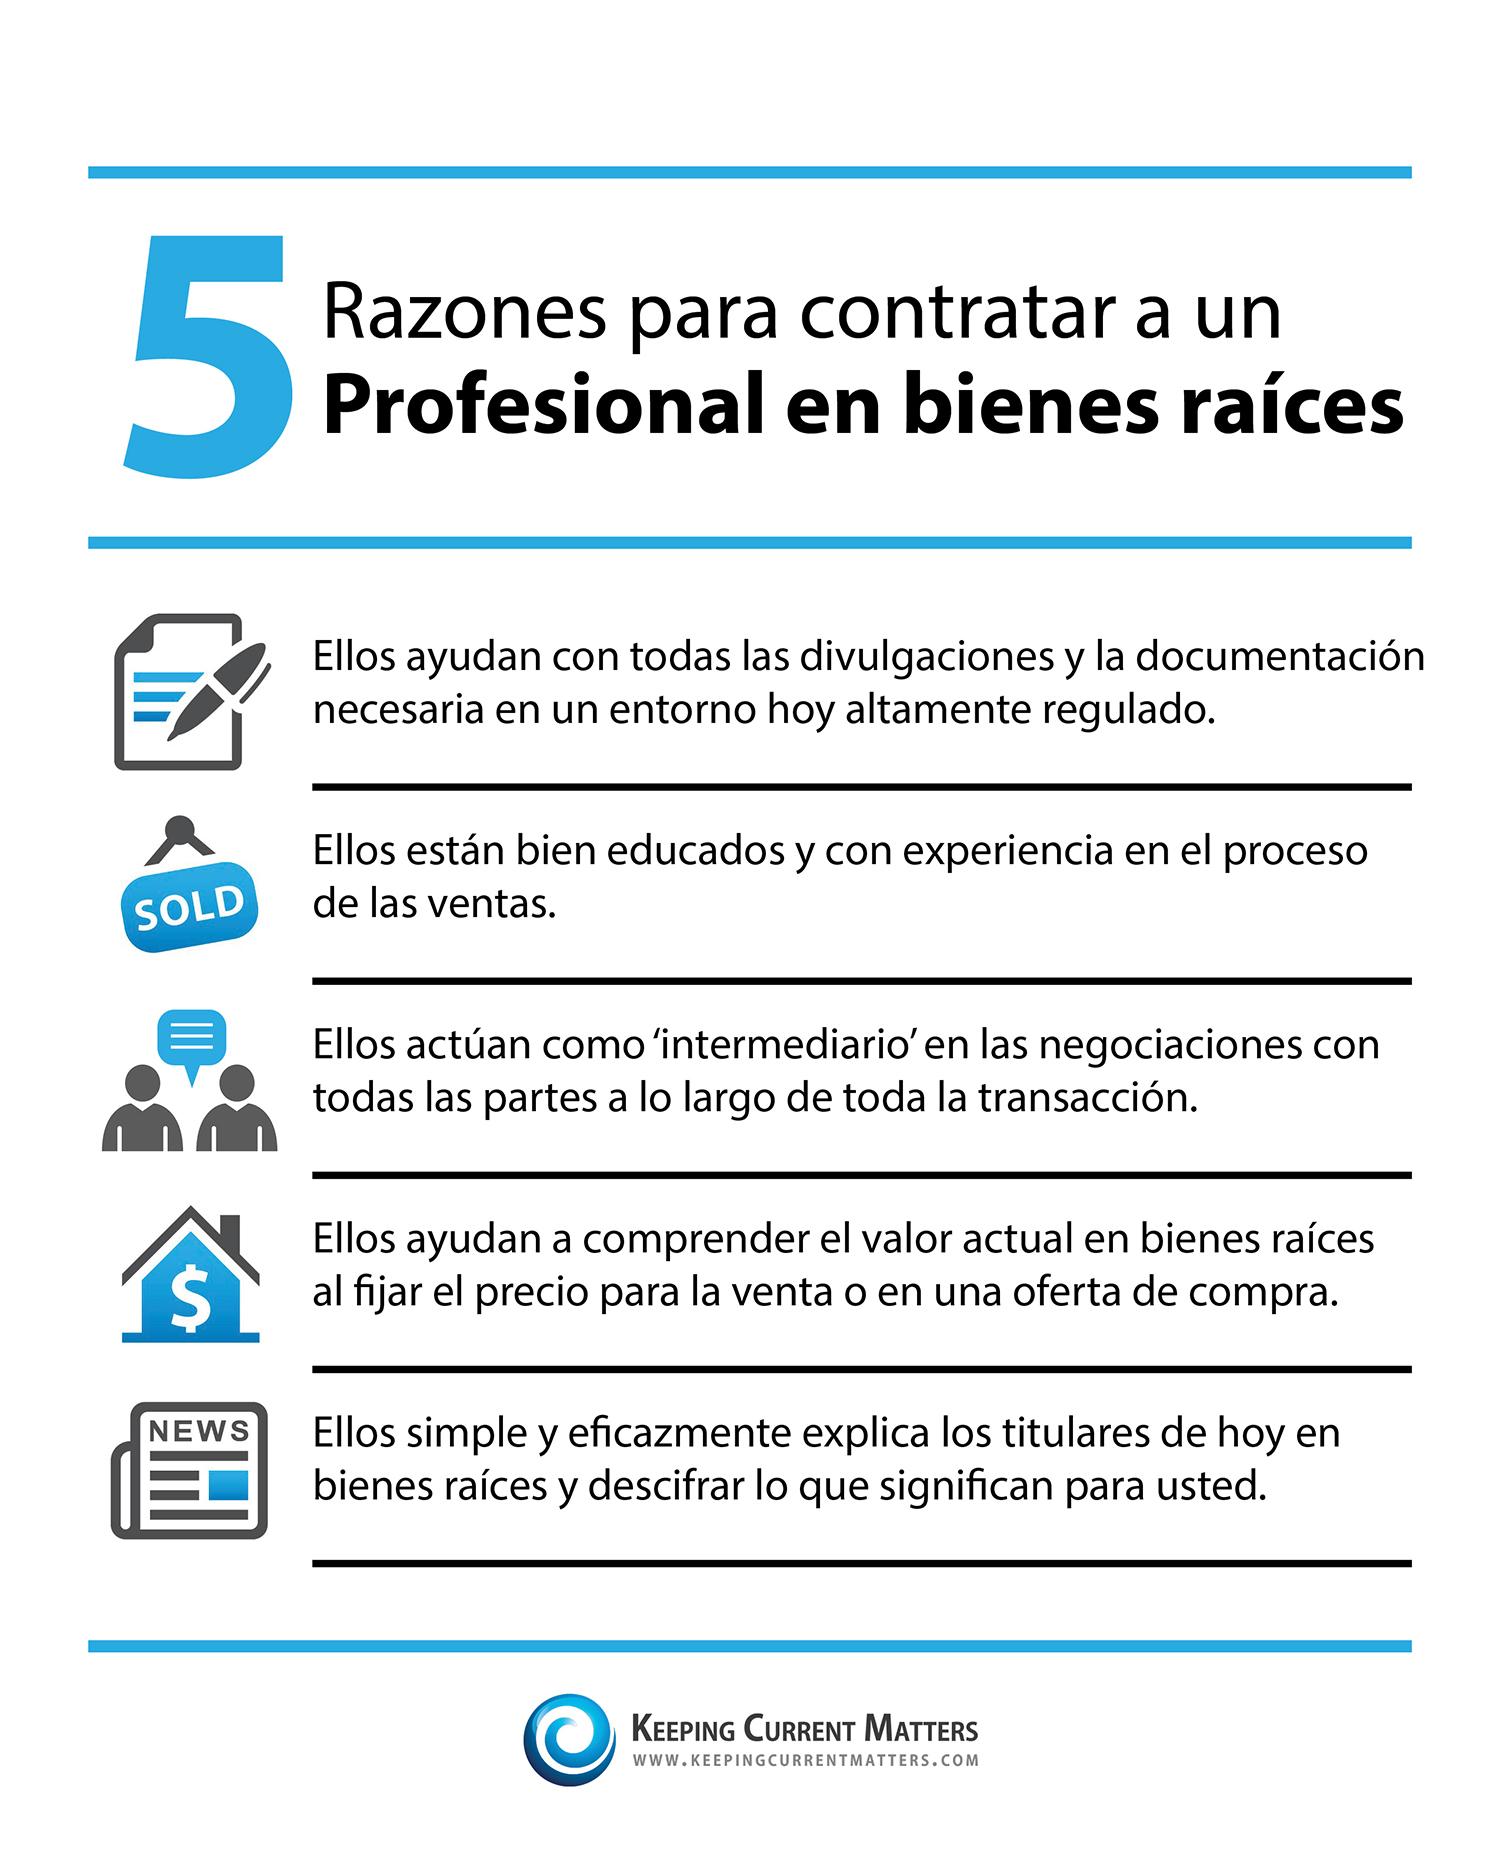 5 Razones para contrar a un Profesional en bienes raíces | Keeping Current Matters